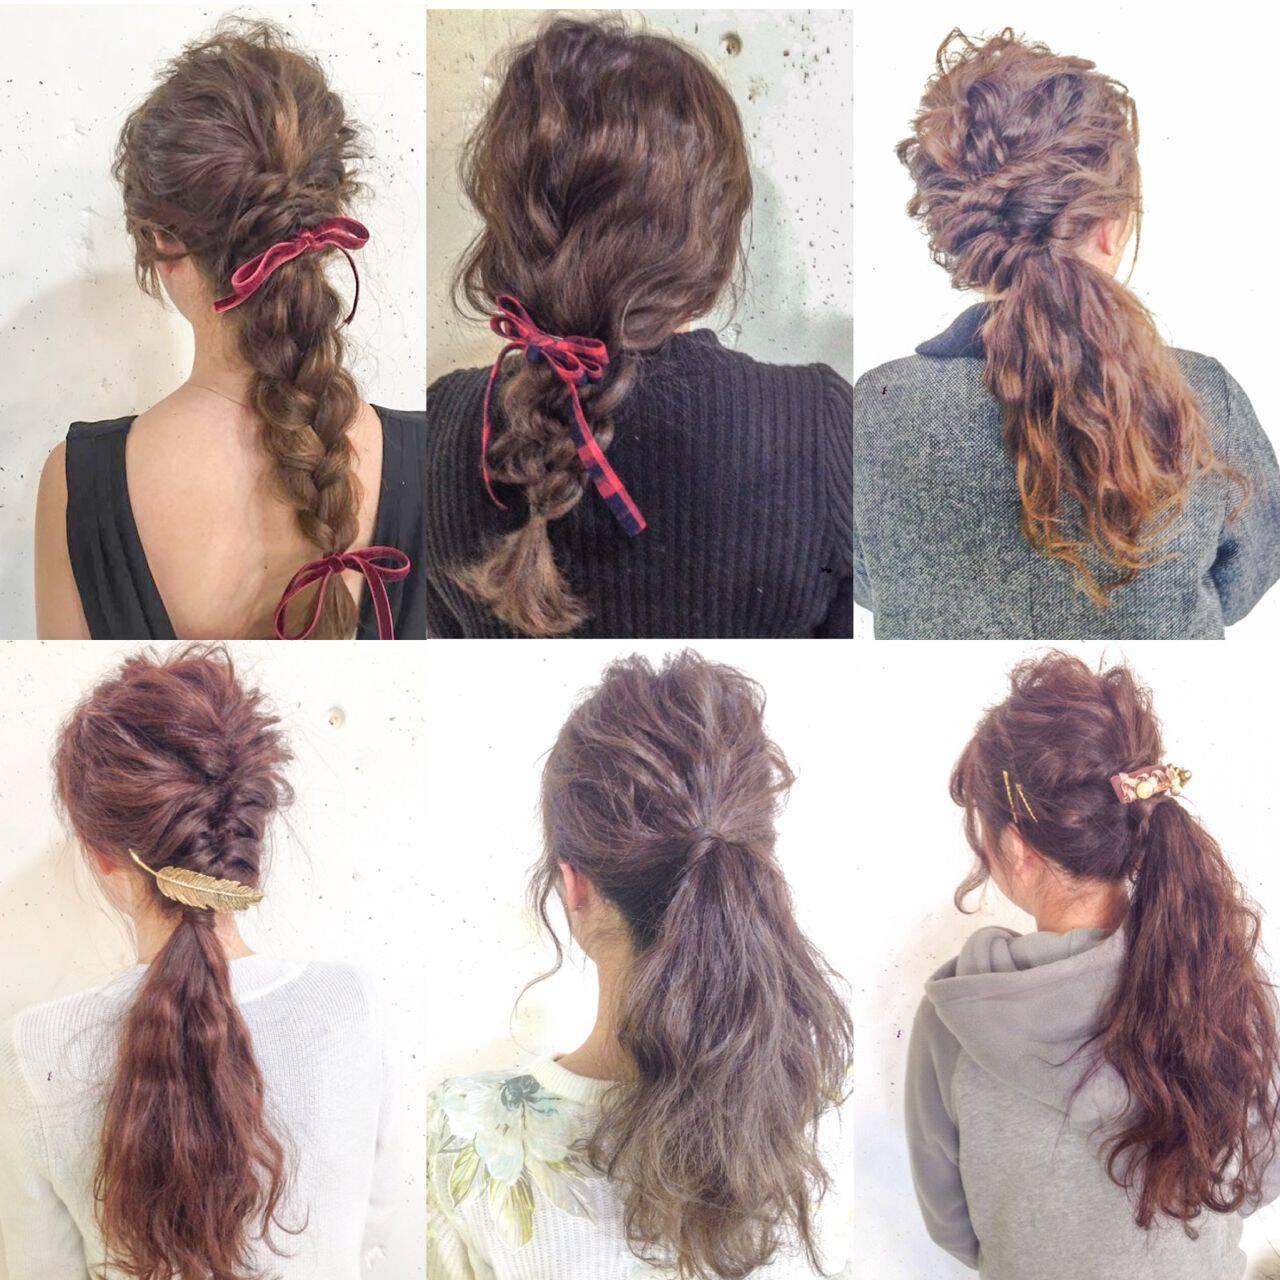 アップスタイル ヘアアレンジ ストリート ウェーブヘアスタイルや髪型の写真・画像